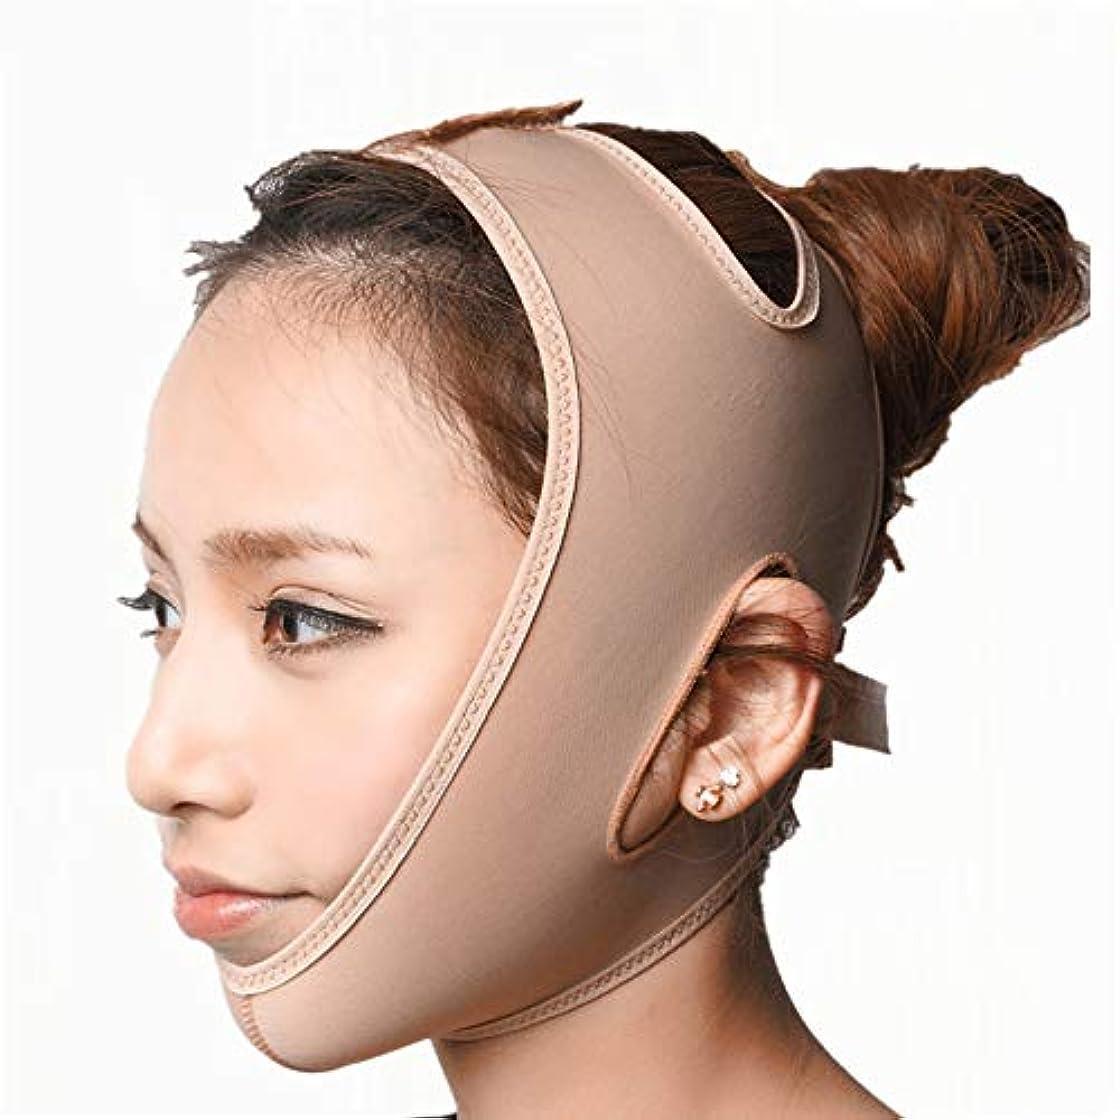 受け皿スペルこねるBS 顔の持ち上がる痩身ベルト - アンチエイジングリンクルフェイスマスクベルトシンフェイス包帯整形マスクは顔と首を締めますフェイススリム フェイスリフティングアーティファクト (Size : L)